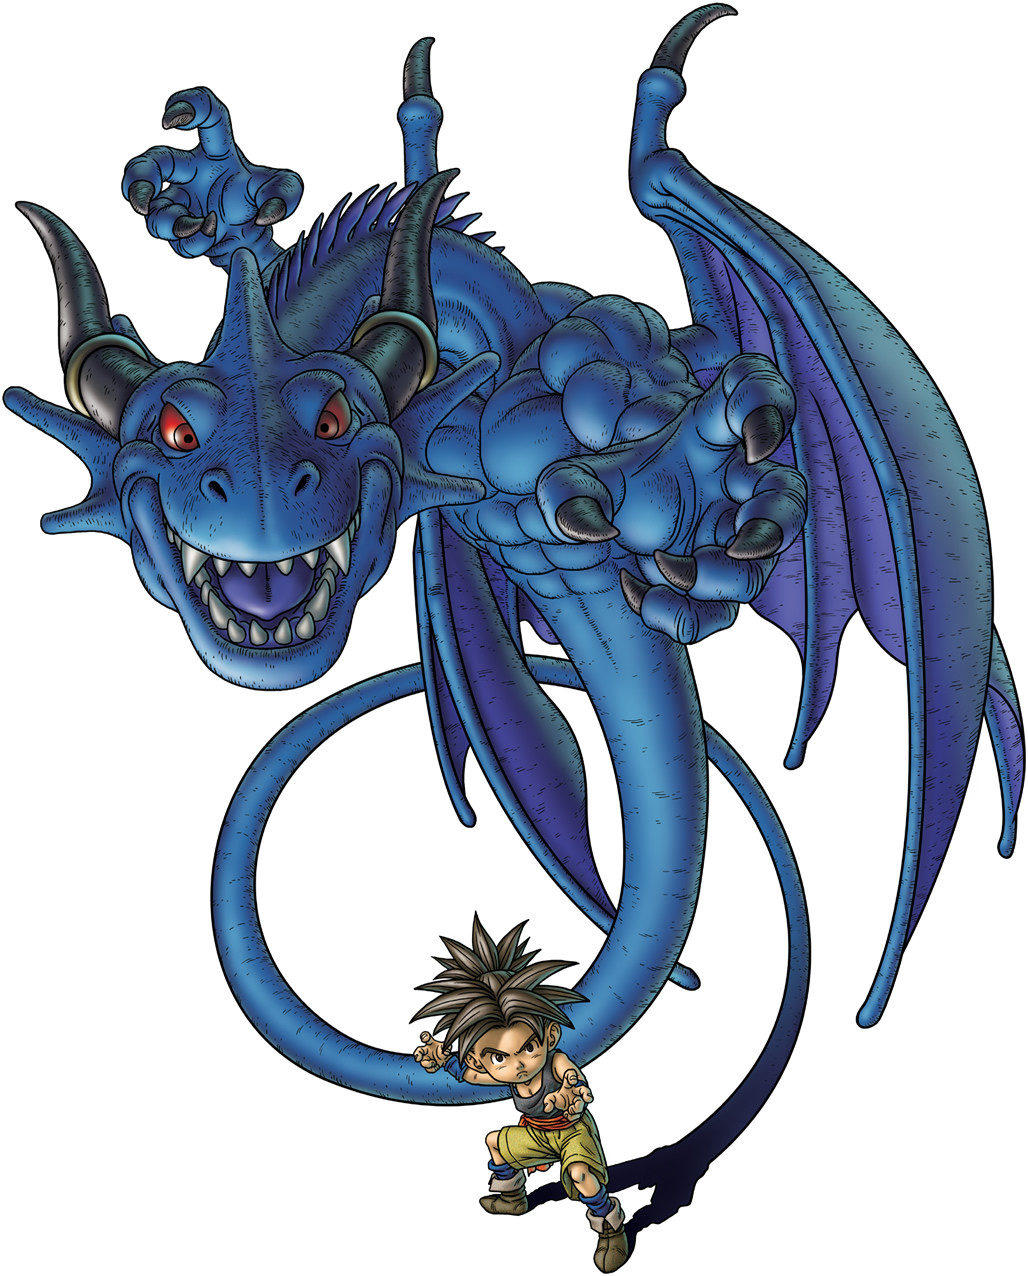 Hentaiporno bleue dragon sex photos